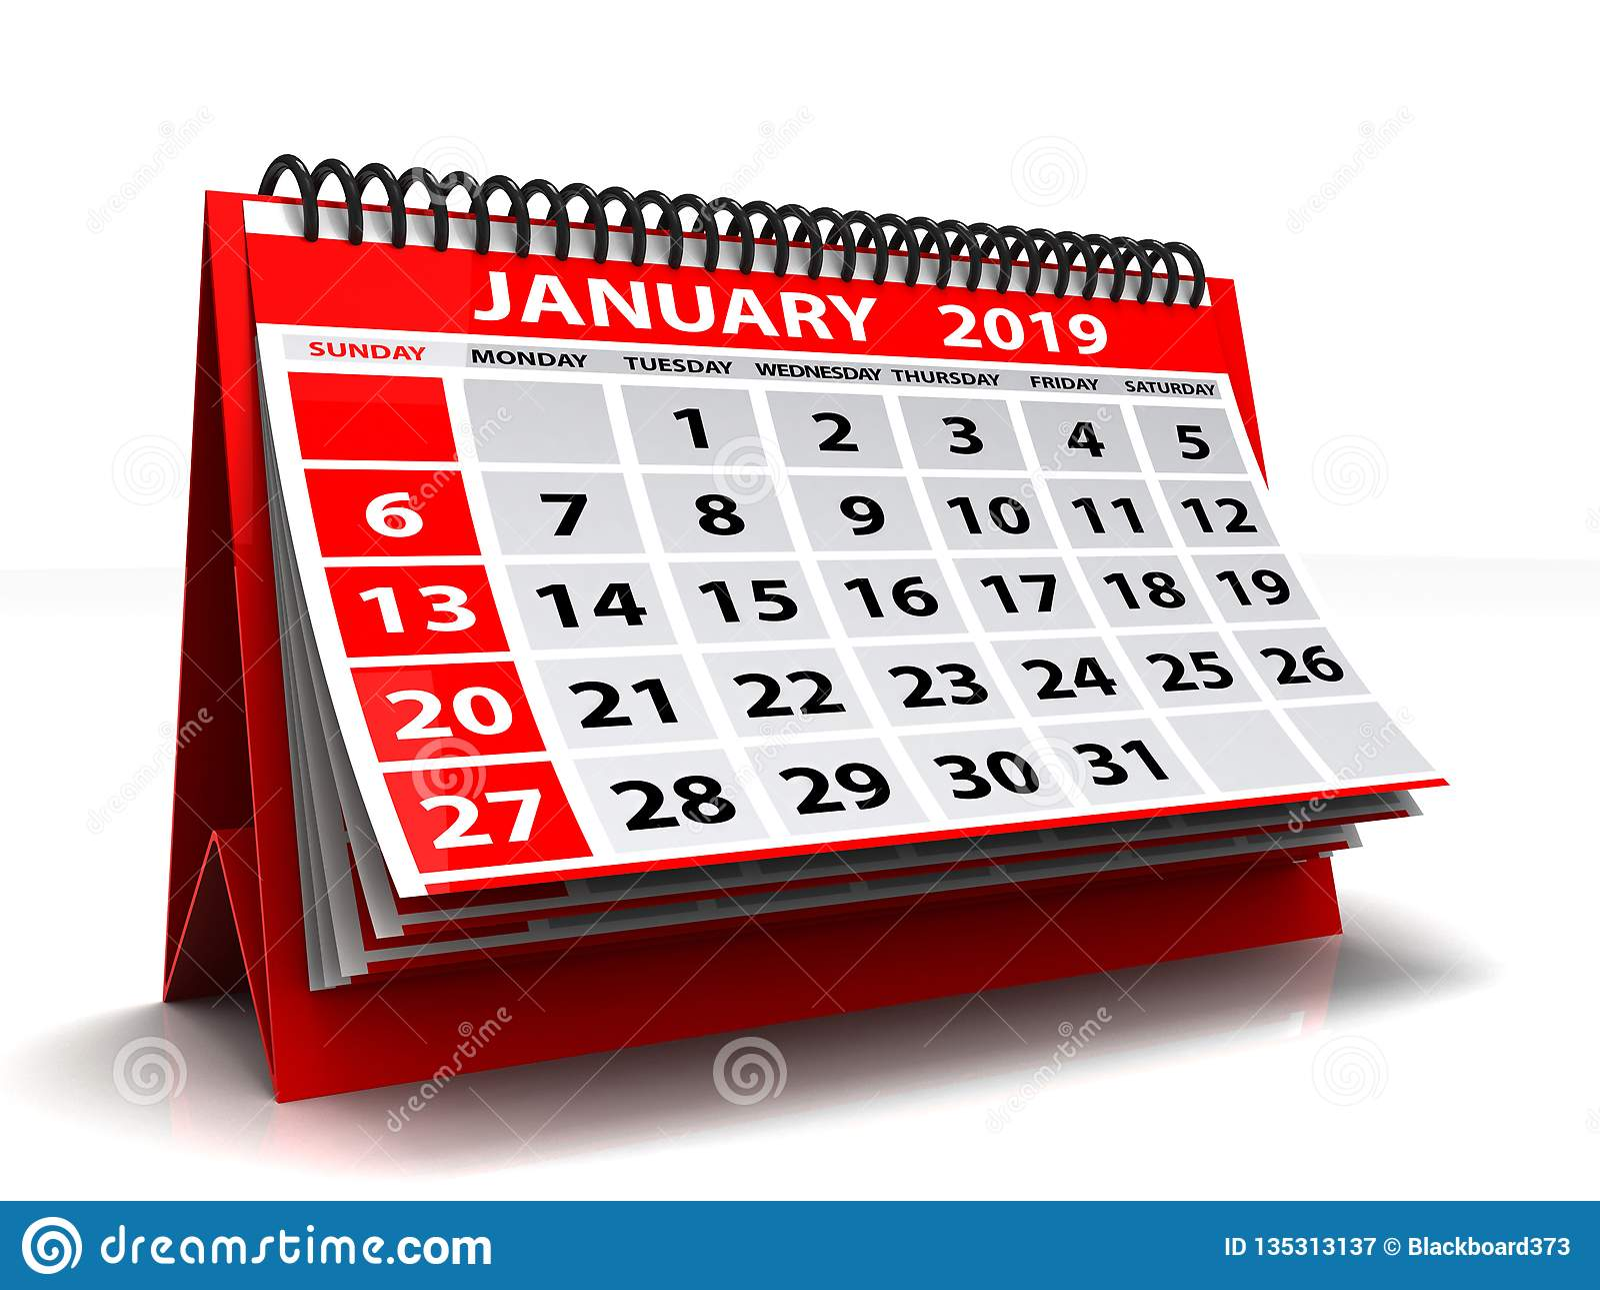 Calendrier en janvier 2019 en spirale Janvier 2019 calendrier à l arrière-plan blanc illustration 3D